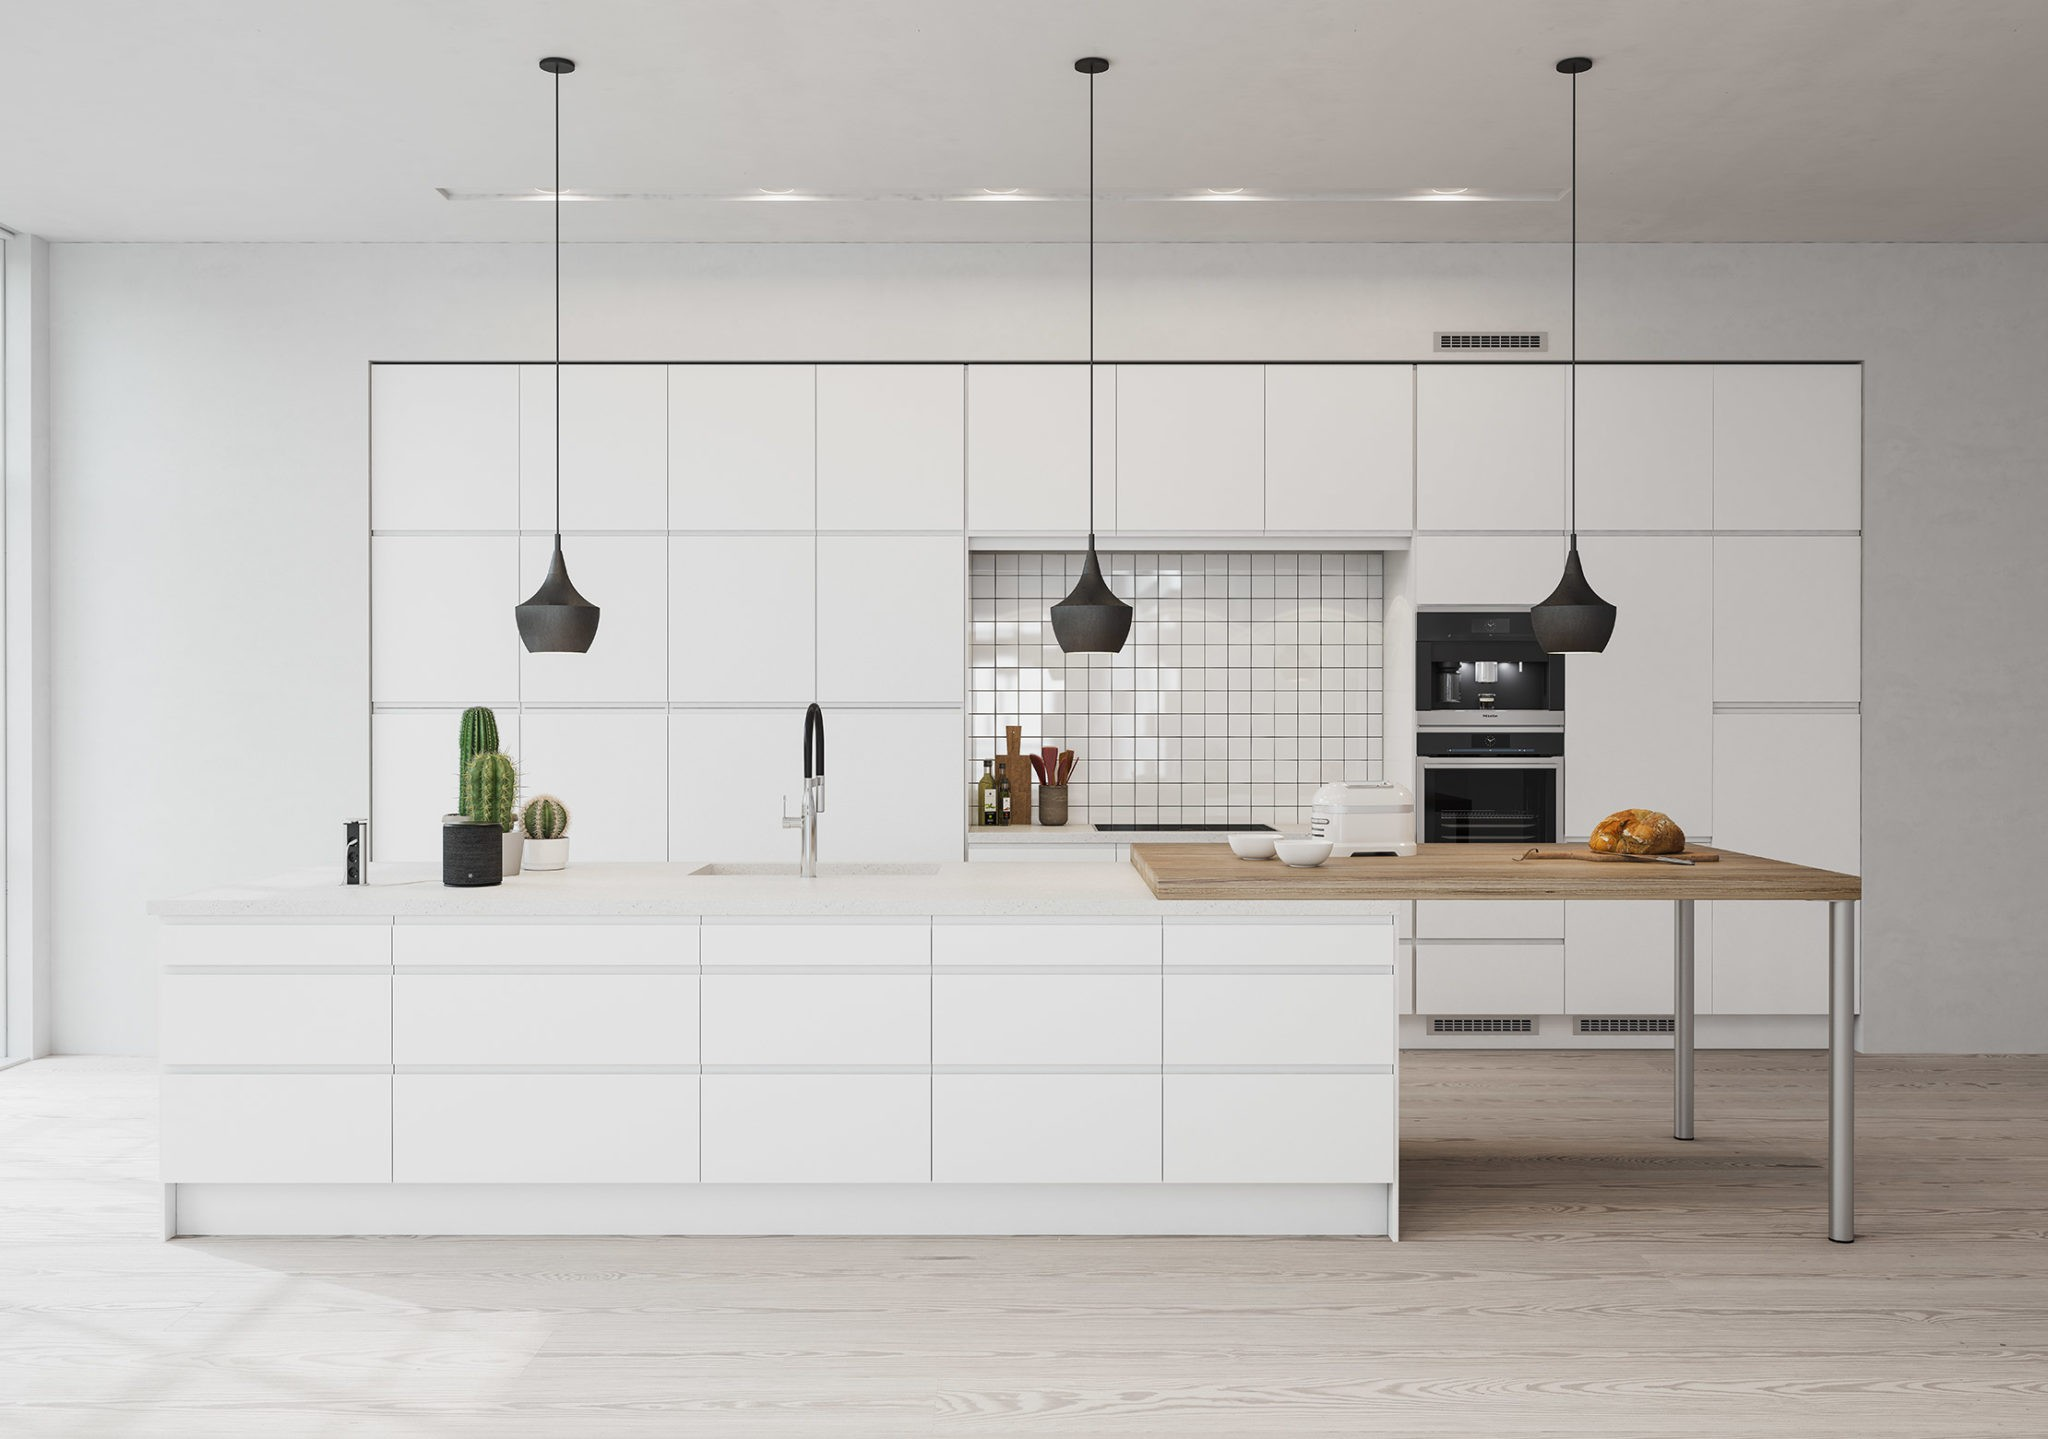 Köksinspiration - Integra - Modernt kök utan handtag från Epoq hos Elgiganten